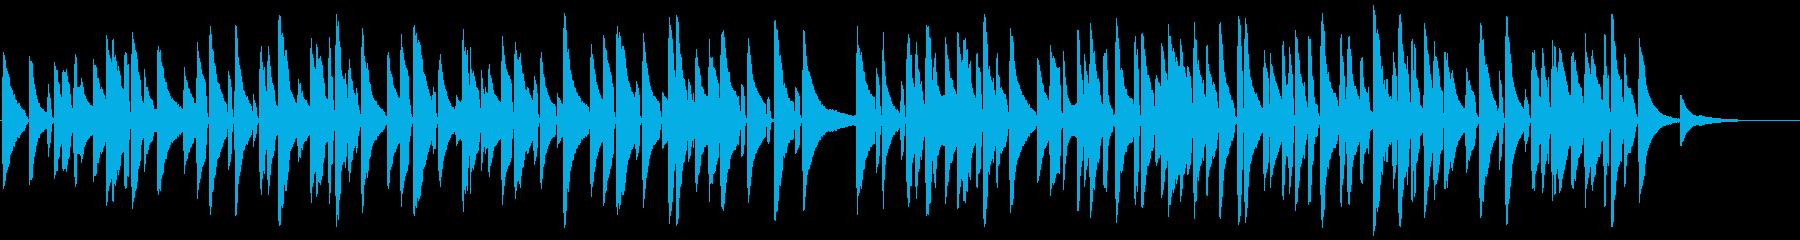 Shiodokiの再生済みの波形